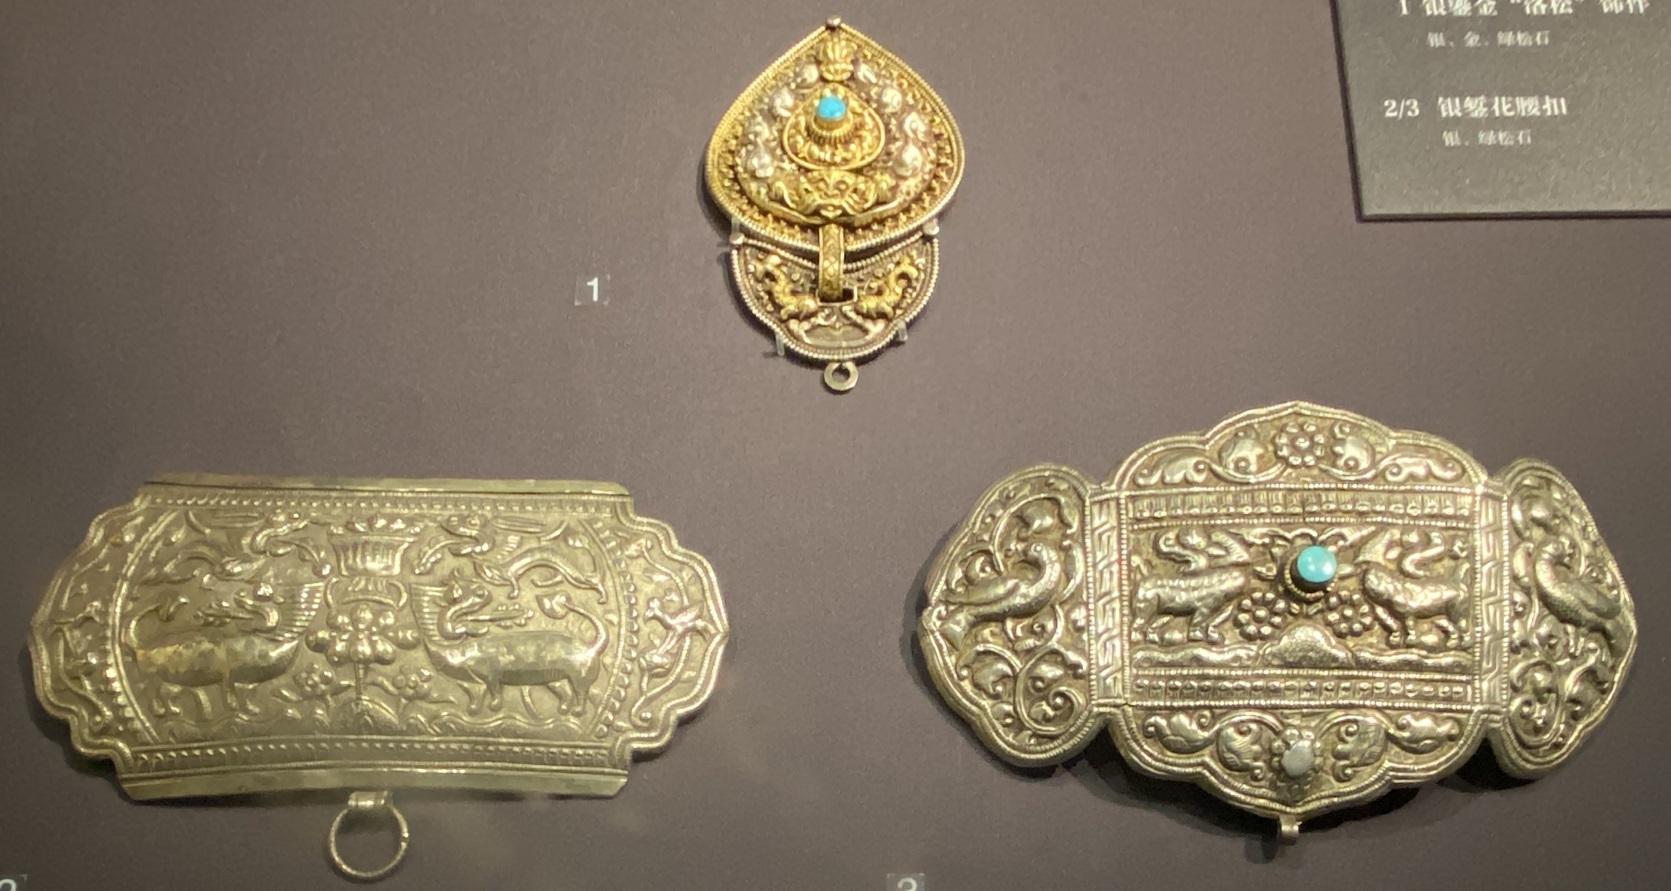 銀鏨花腰釦-特別展【七宝玲瓏-ヒマラヤからの芸術珍品】-金沙遺跡博物館-成都